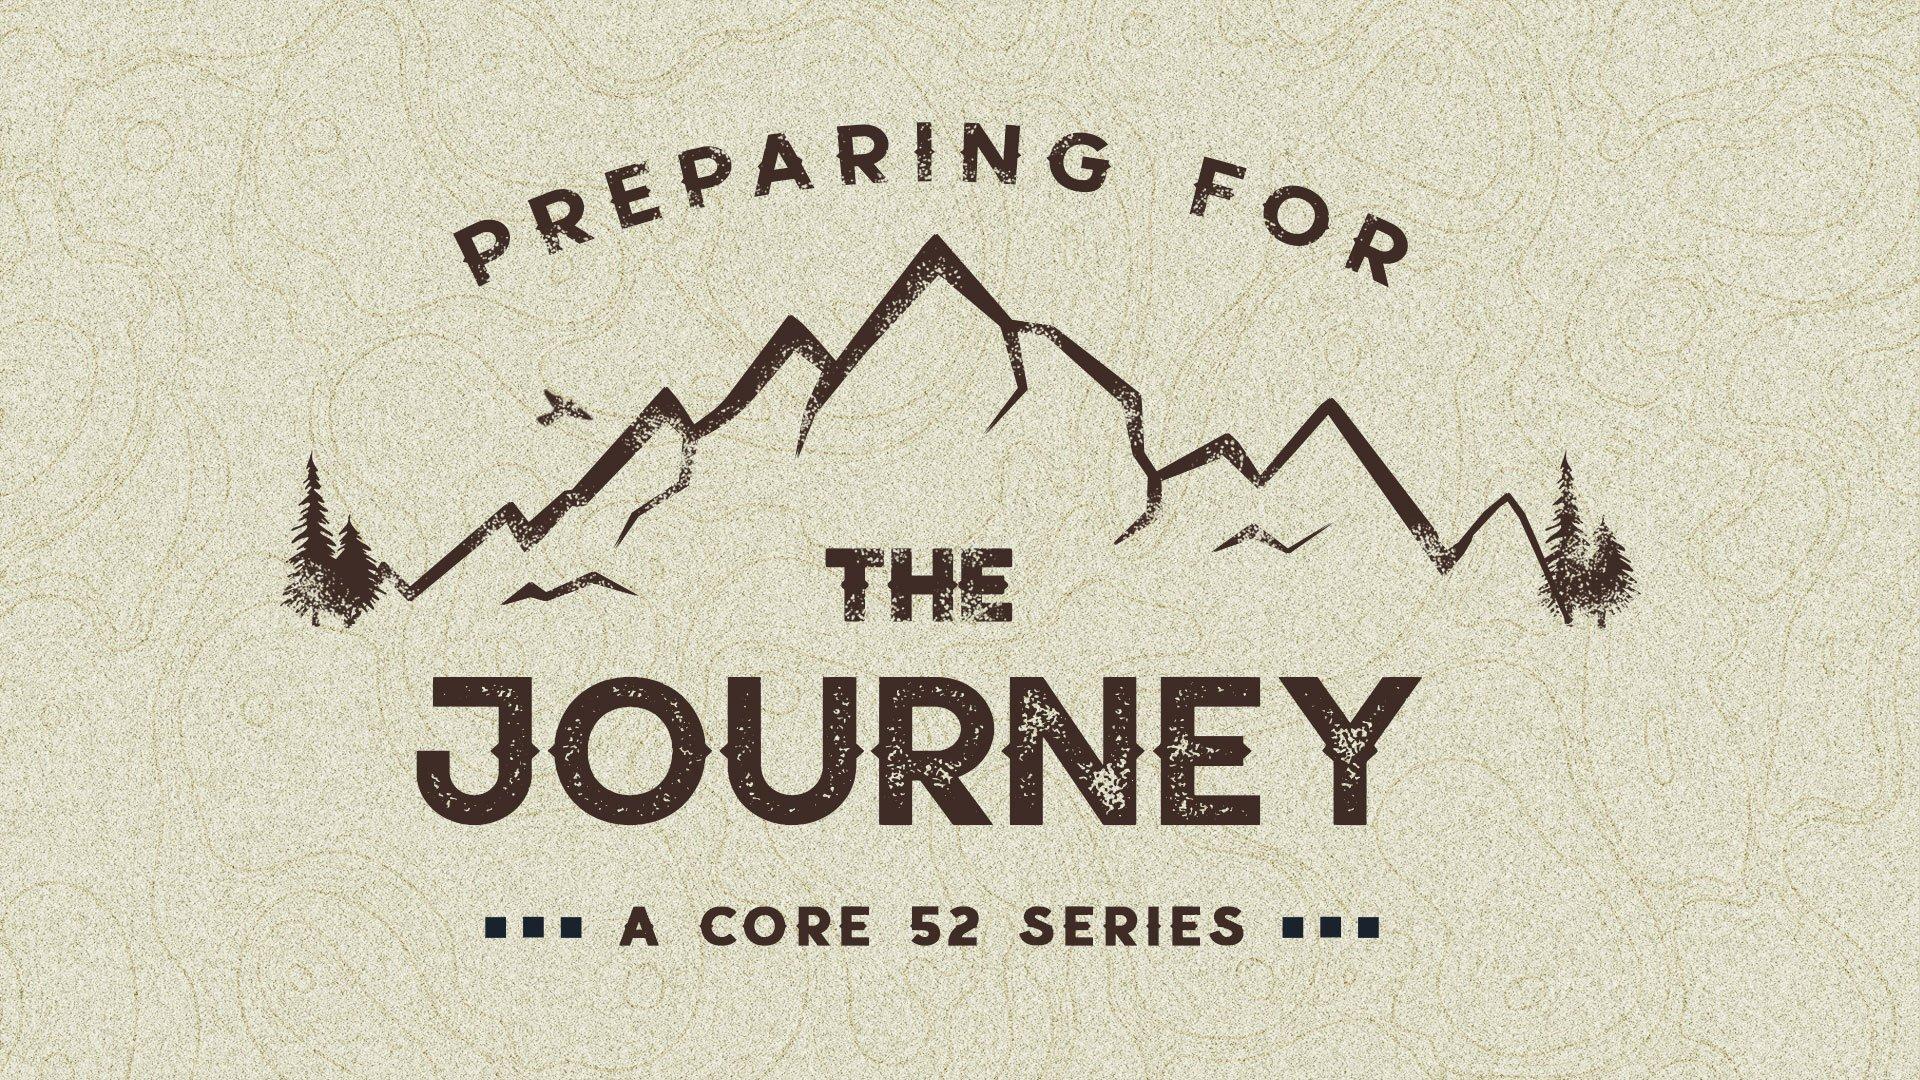 preparing for the journey logo